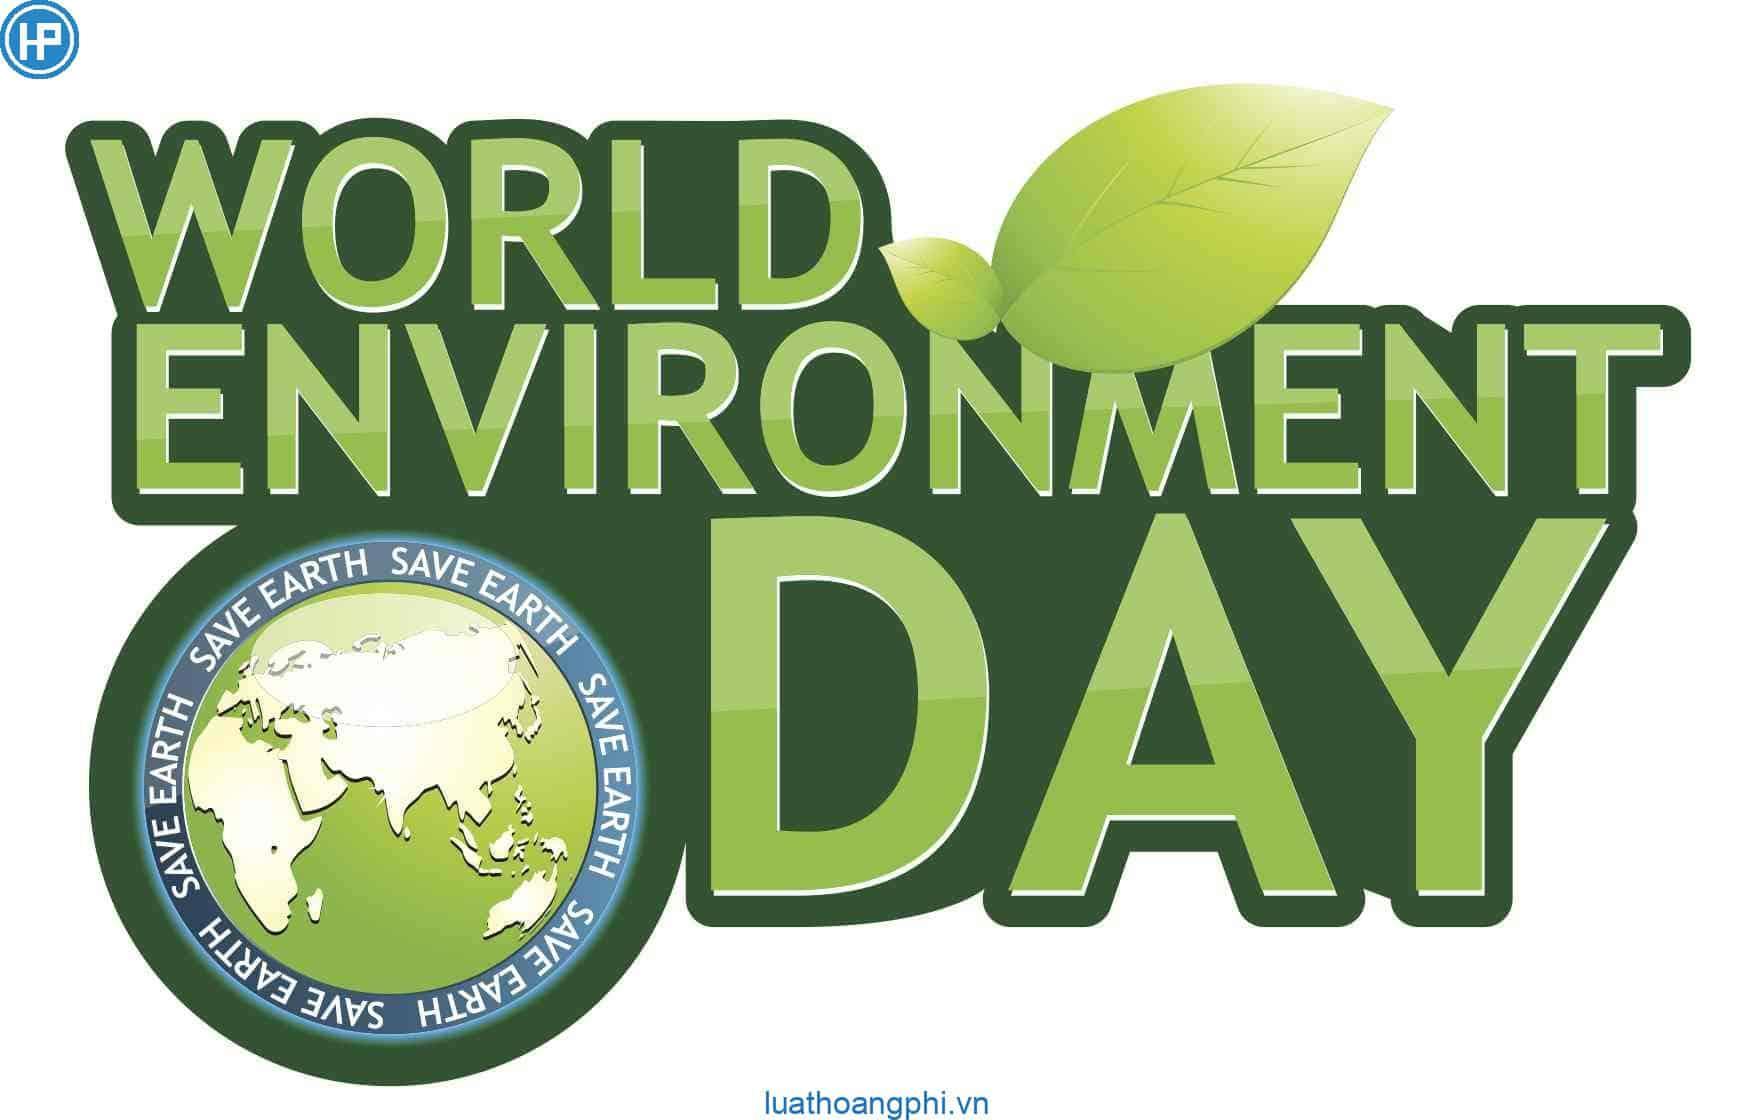 Tháng hành động vì môi trường,  hưởng ứng Ngày Môi trường thế giới  và Ngày Quốc tế Đa dạng sinh học  năm 2021